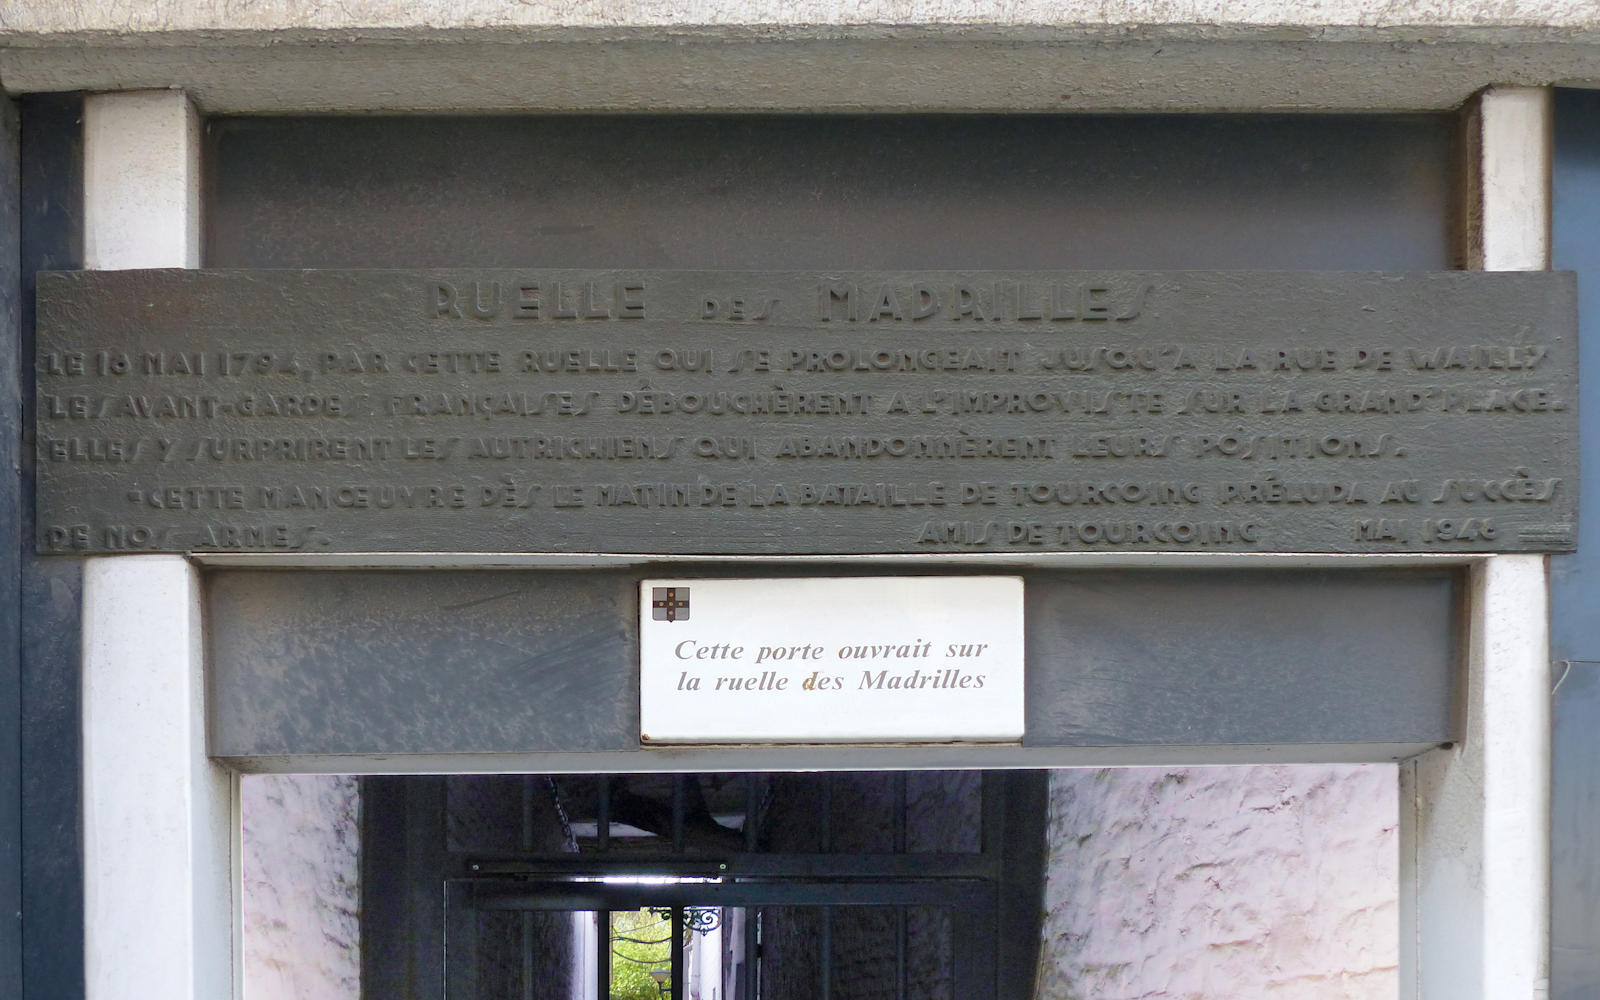 Plaque Lecaillon - Accès Ruelle des Madrilles, Tourcoing.